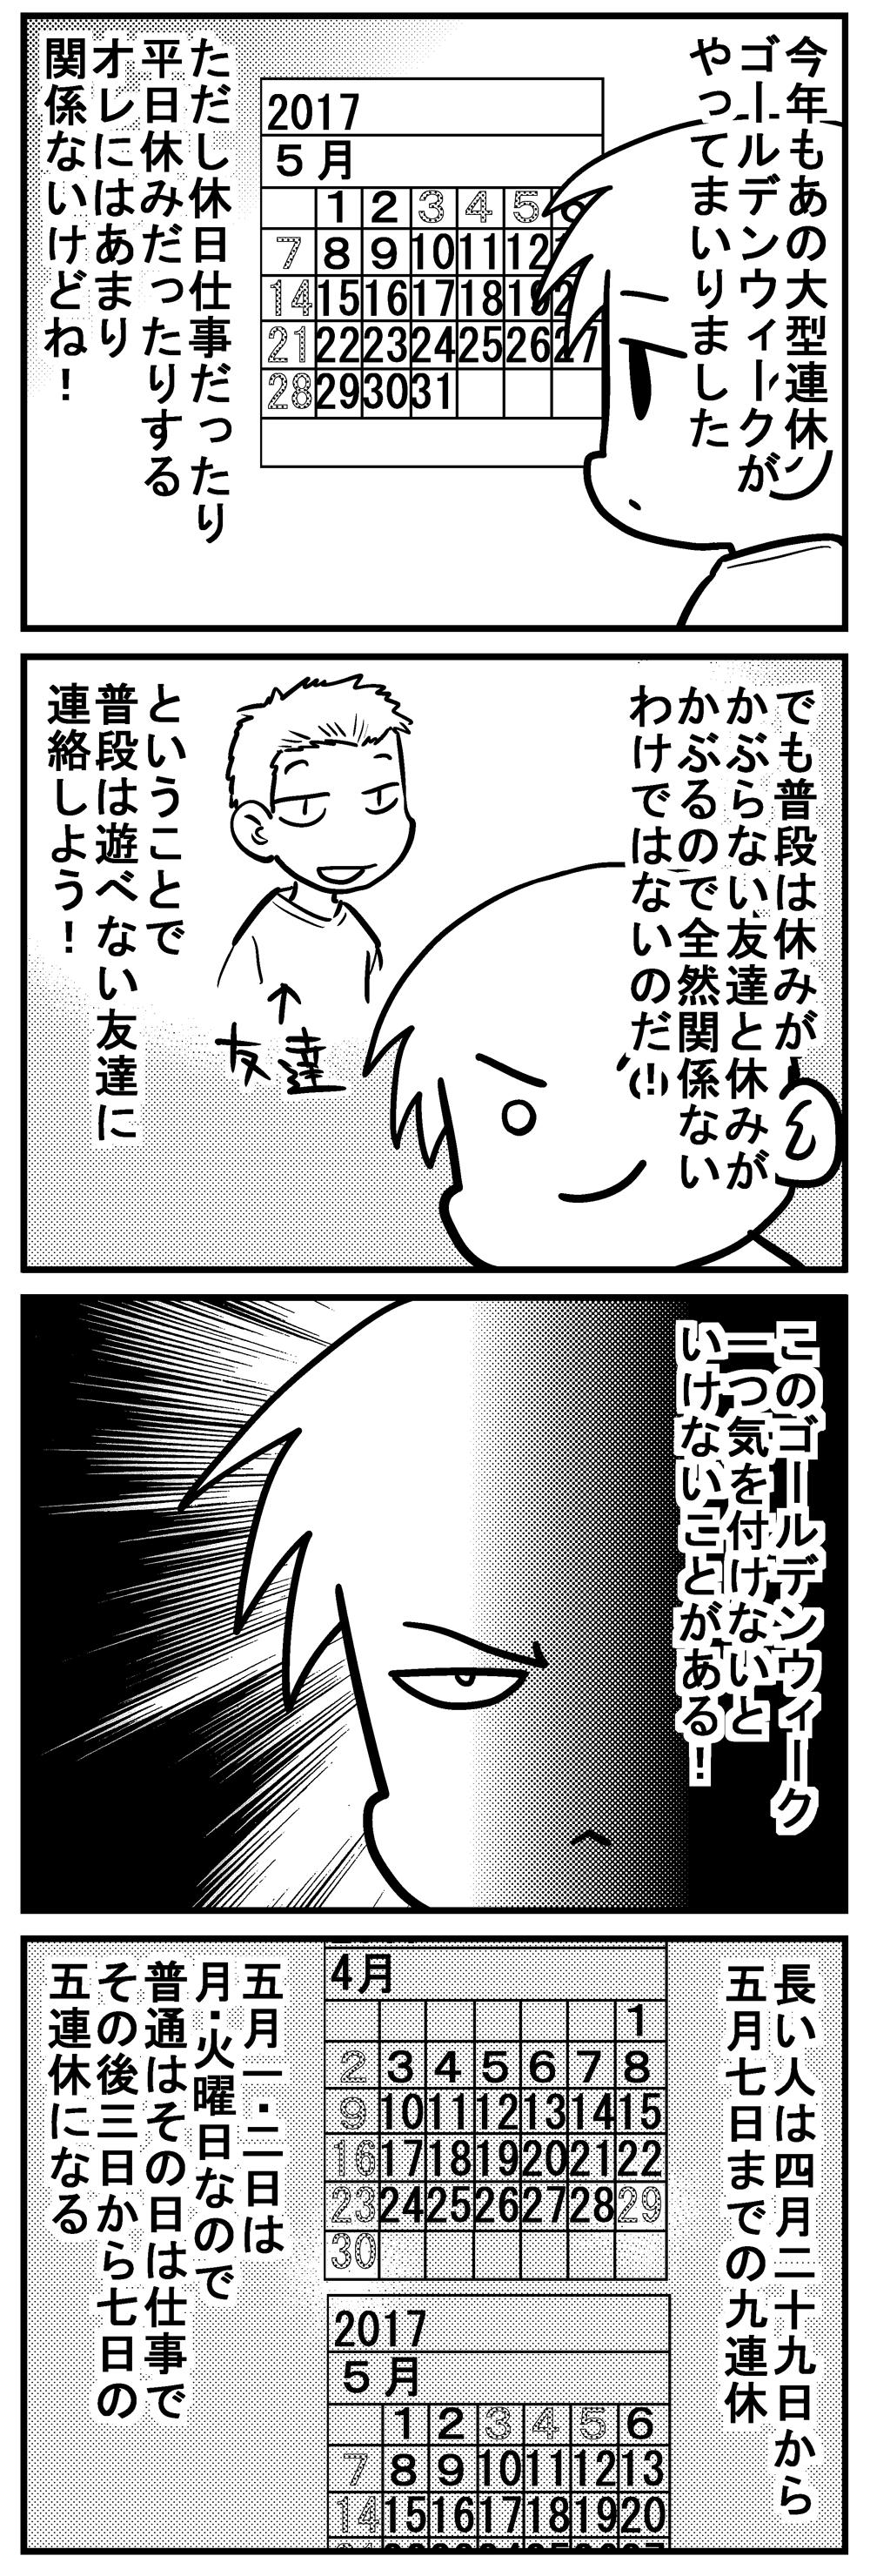 深読みくん138-1